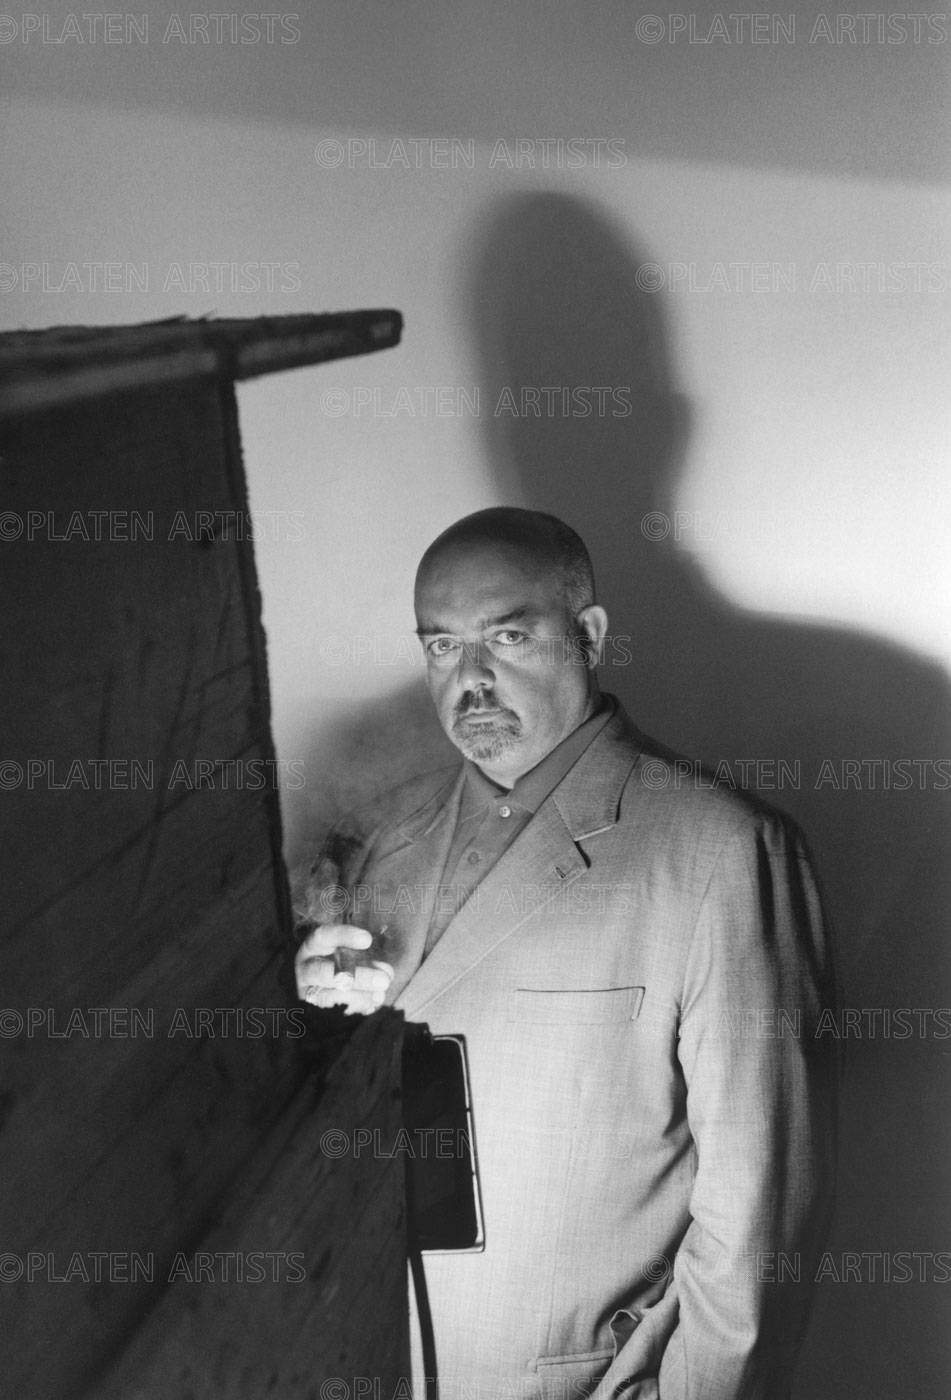 Pedro Cabrita Reis, Strahlender Schatten, Berlin, 2002